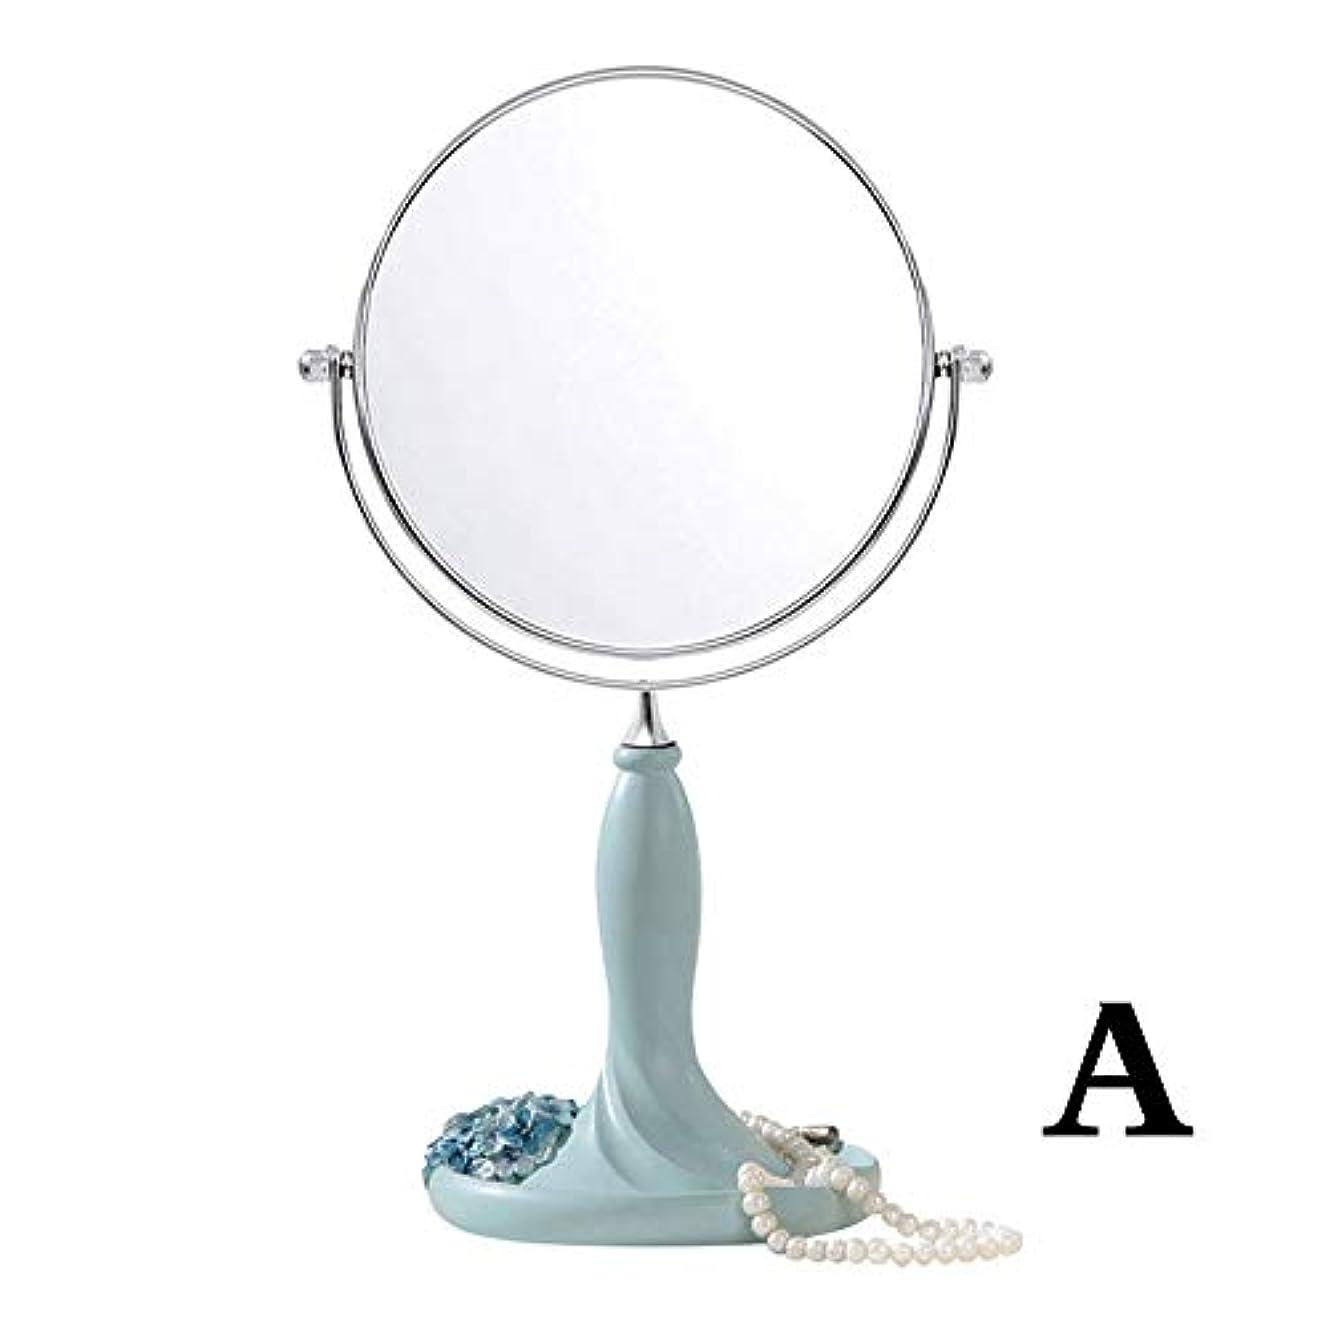 密度事前尾照明付き化粧鏡 6-8インチメイクアップミラー台座テーブルミラー、浴室用寝室、シェービングミラー化粧用化粧台化粧鏡両面クロム自立化粧鏡3倍ズーム 化粧鏡 (Color : Green, Size : 8 Inch)